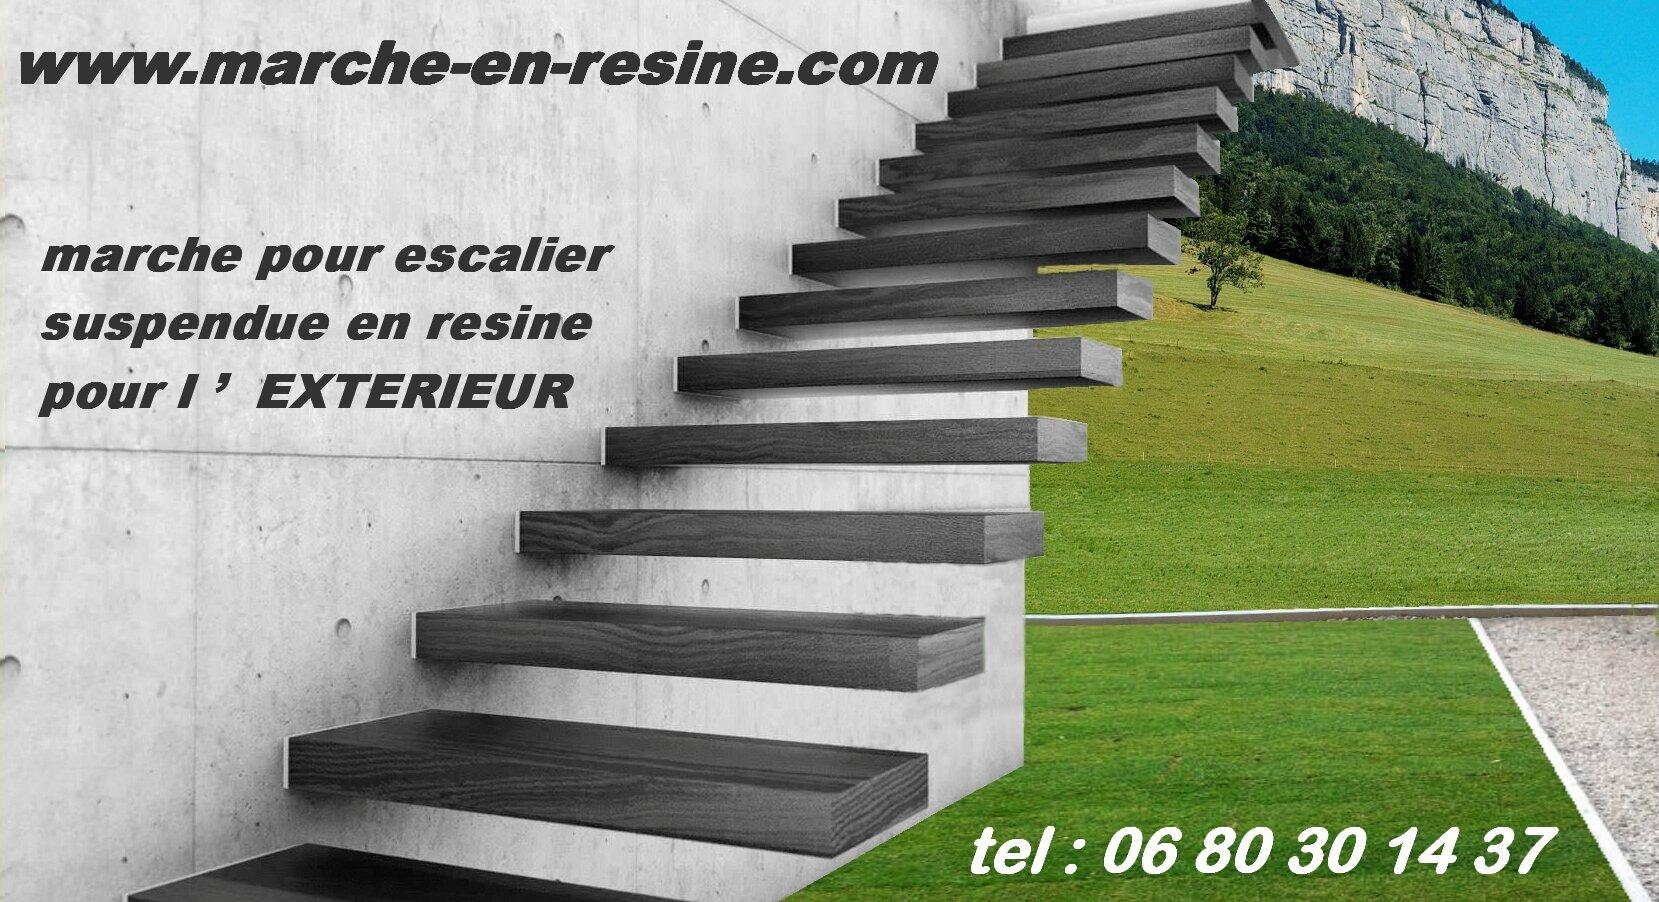 escalier suspendu concrete steps marche en beton escalier lumineux escalier led concrete stairs. Black Bedroom Furniture Sets. Home Design Ideas